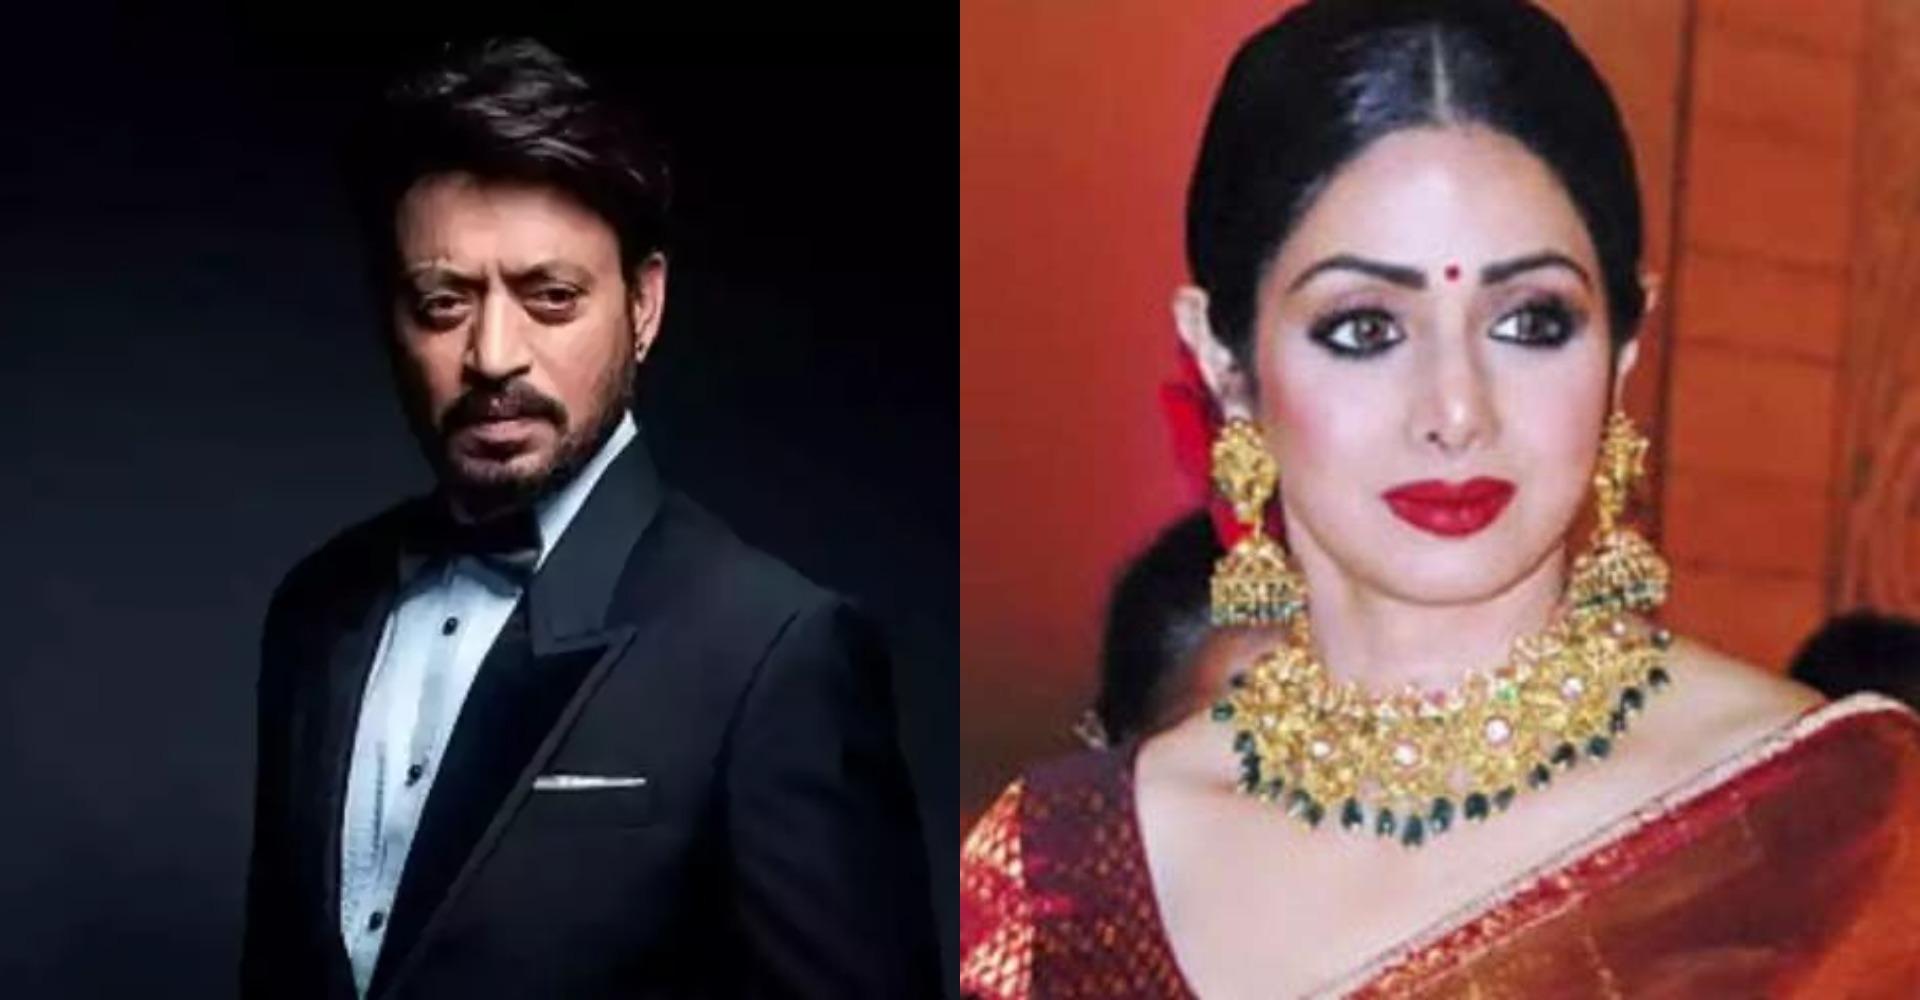 पाकिस्तान के एक शो के दौरान दिवंगत बॉलीवुड एक्टर इरफान खान और श्रीदेवी का उड़ाया गया मजाक, अब शो को बैन…